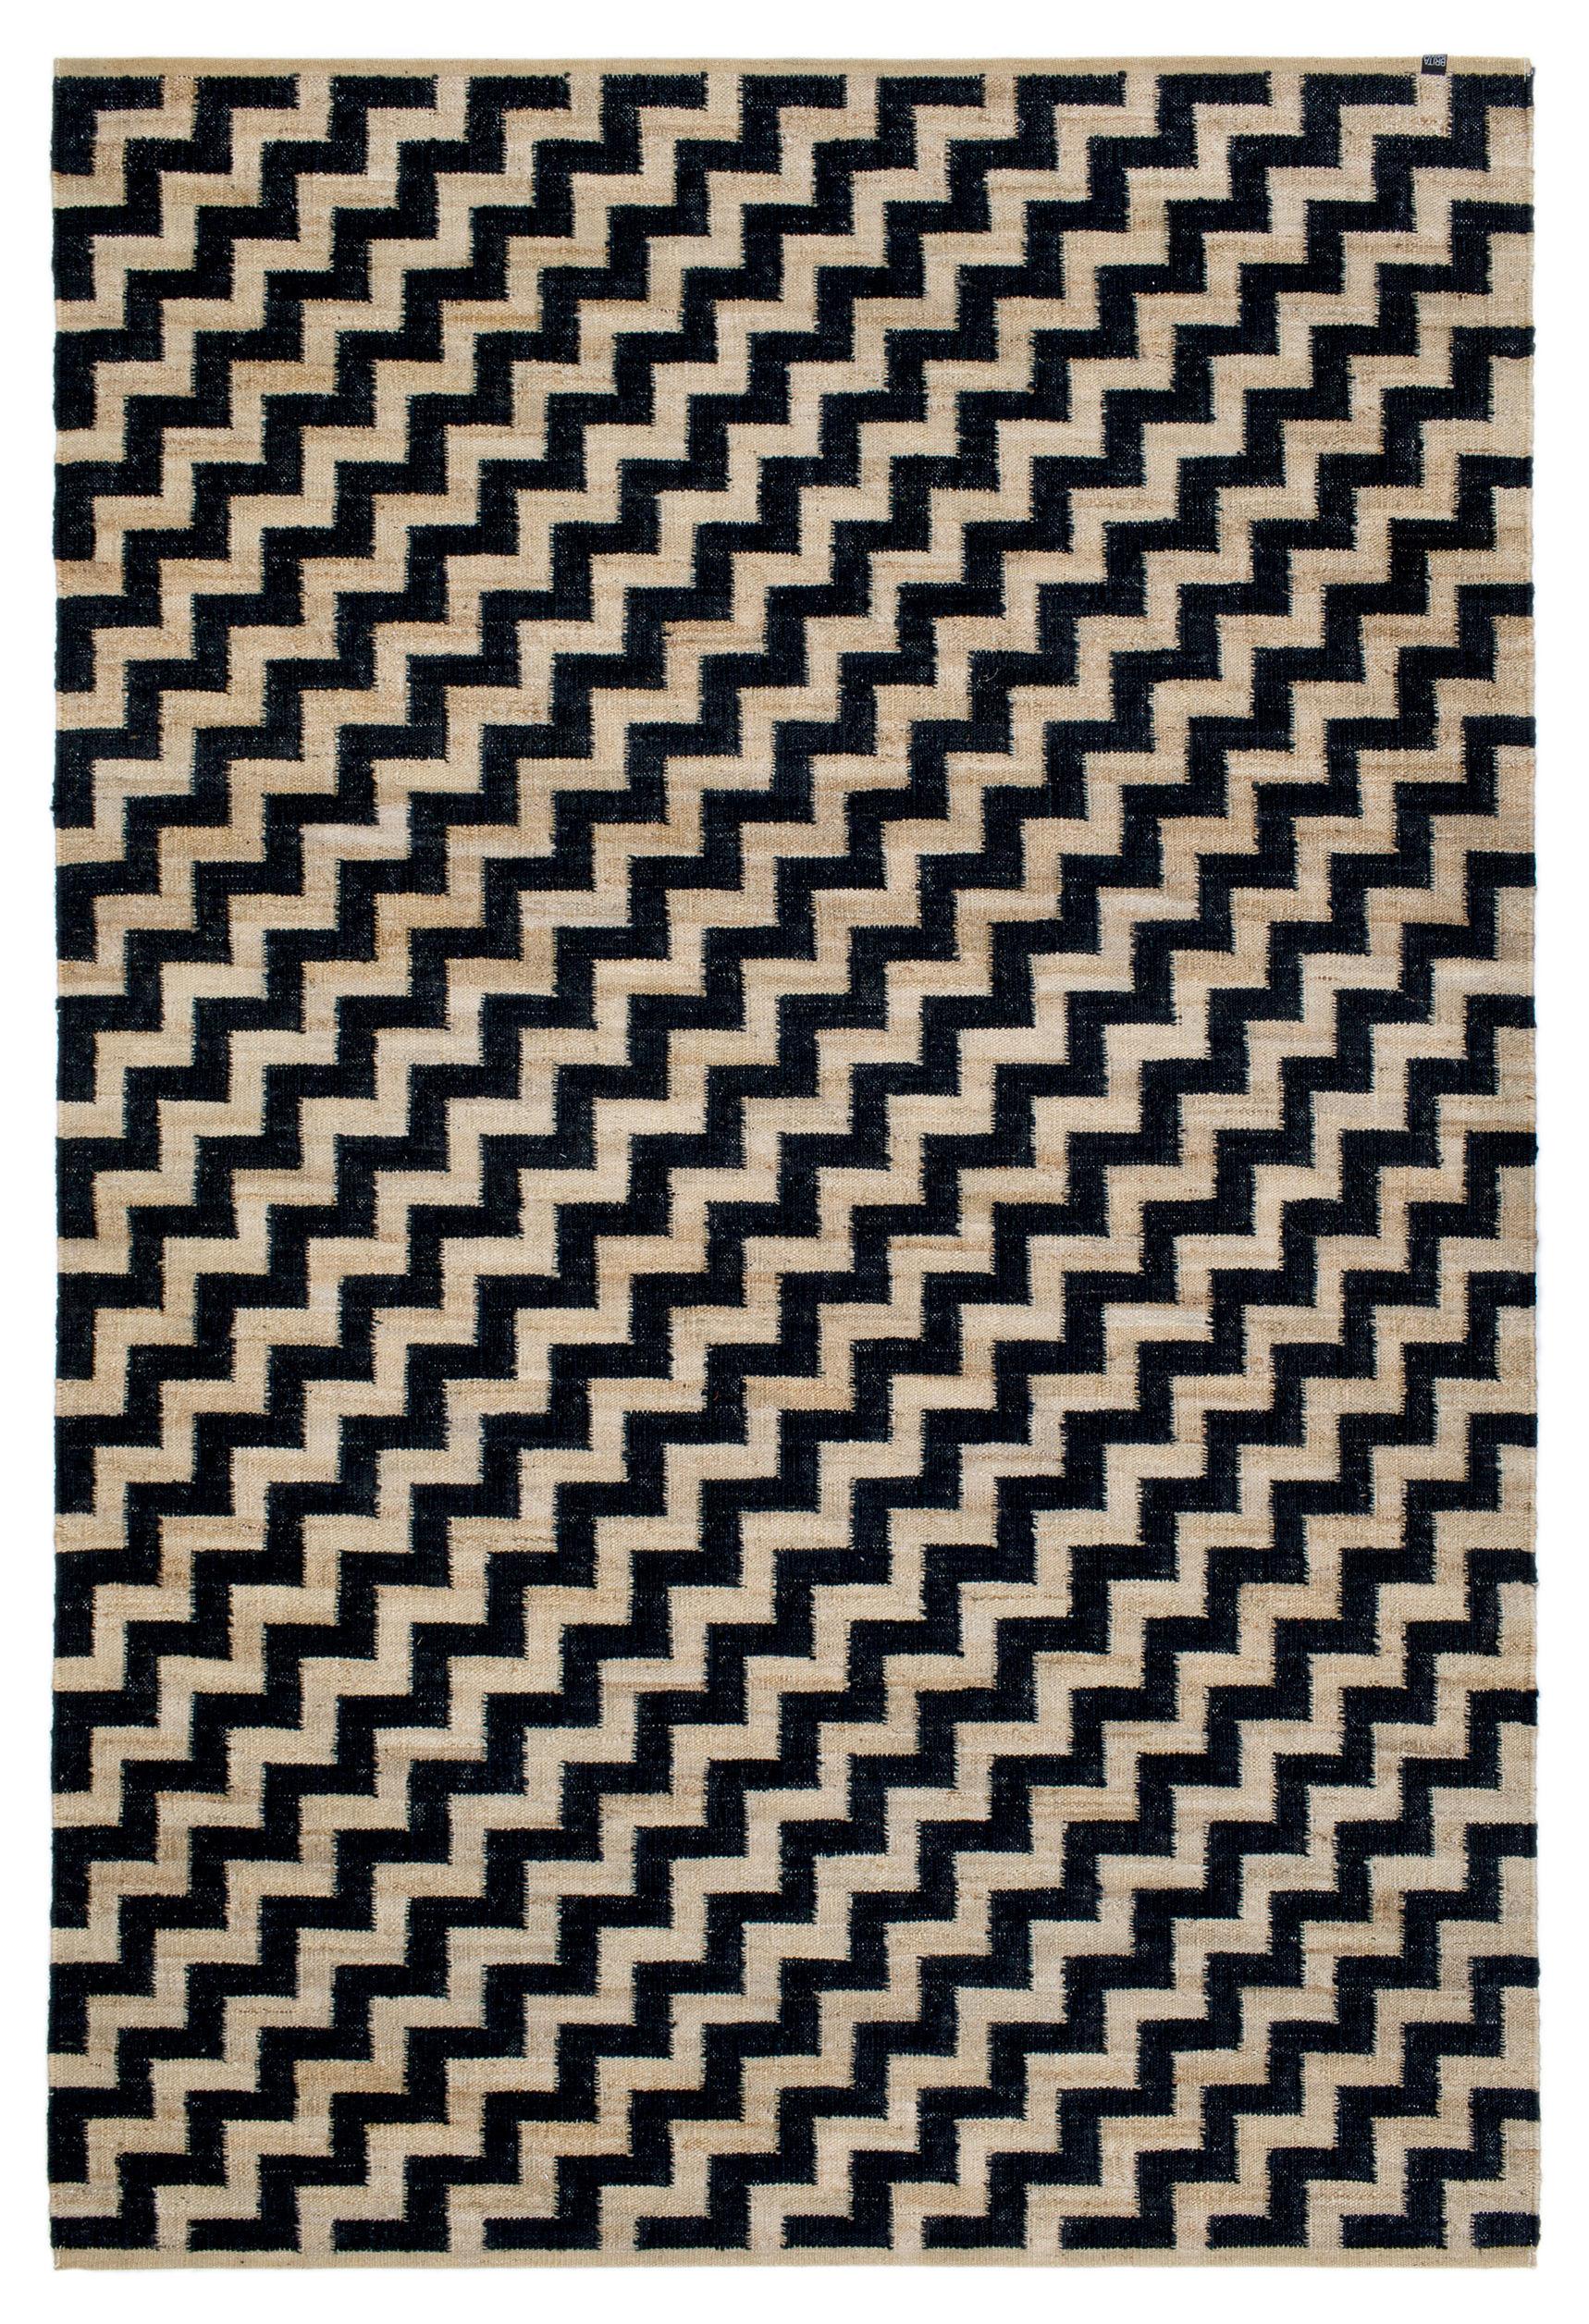 tapis gunnel chanvre 170 x 250 cm noir chanvre naturel brita sweden. Black Bedroom Furniture Sets. Home Design Ideas